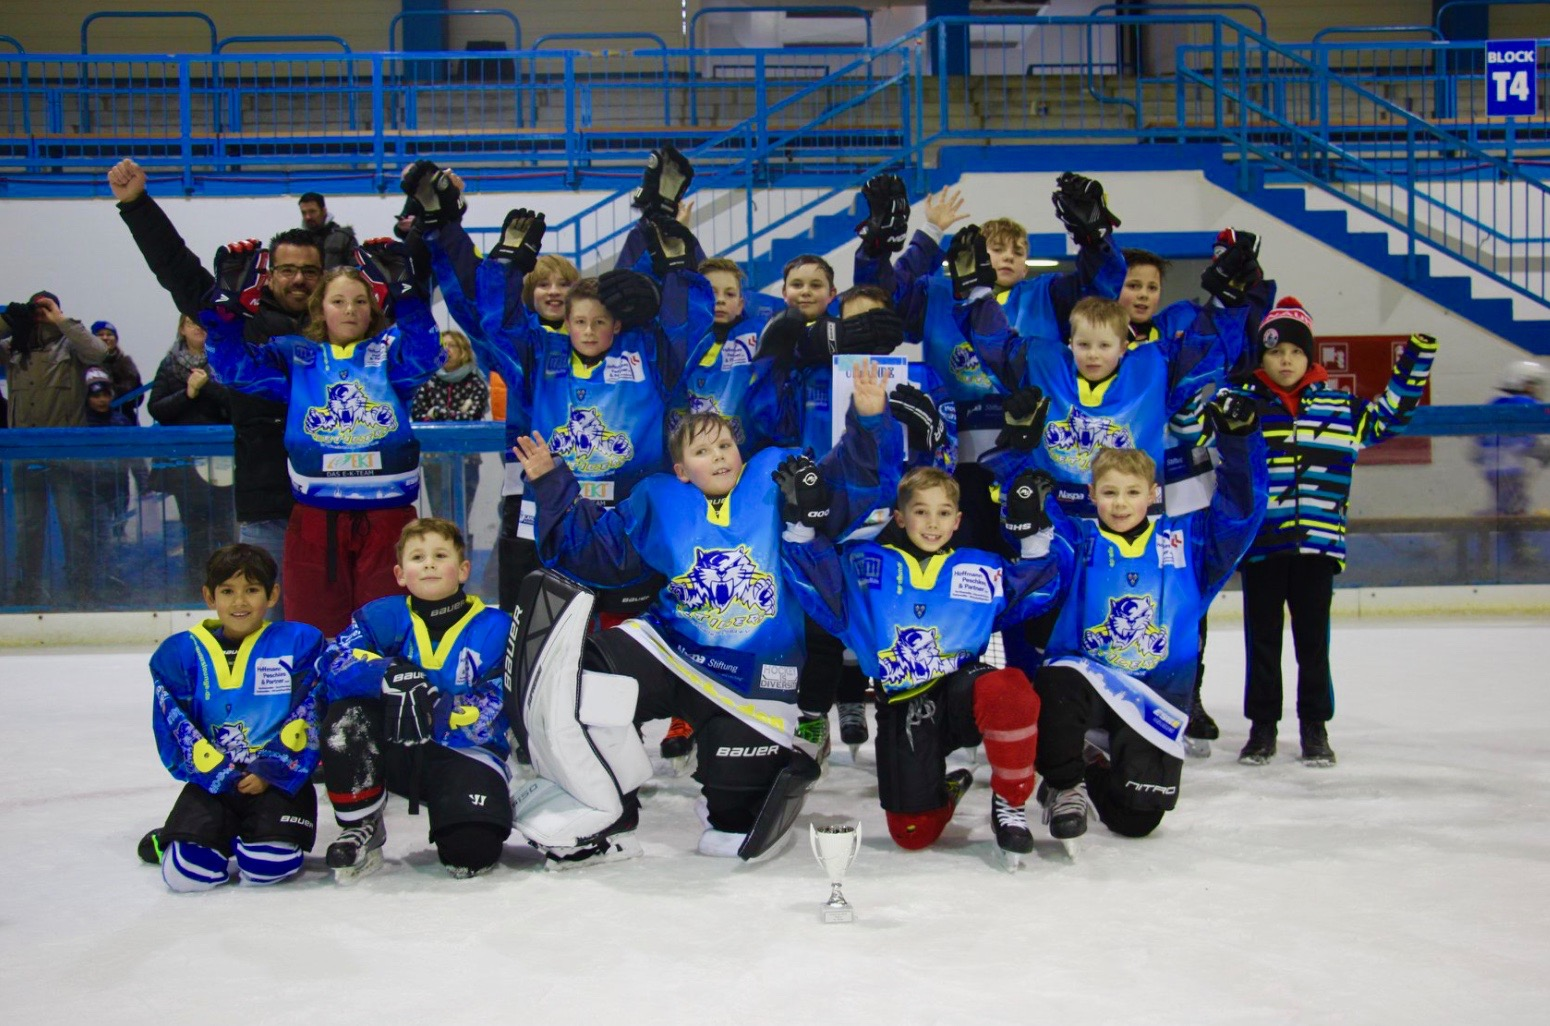 2. Platz für Ice Tigers beim KidsCup: Mannschaft beim Turnier in Mainz